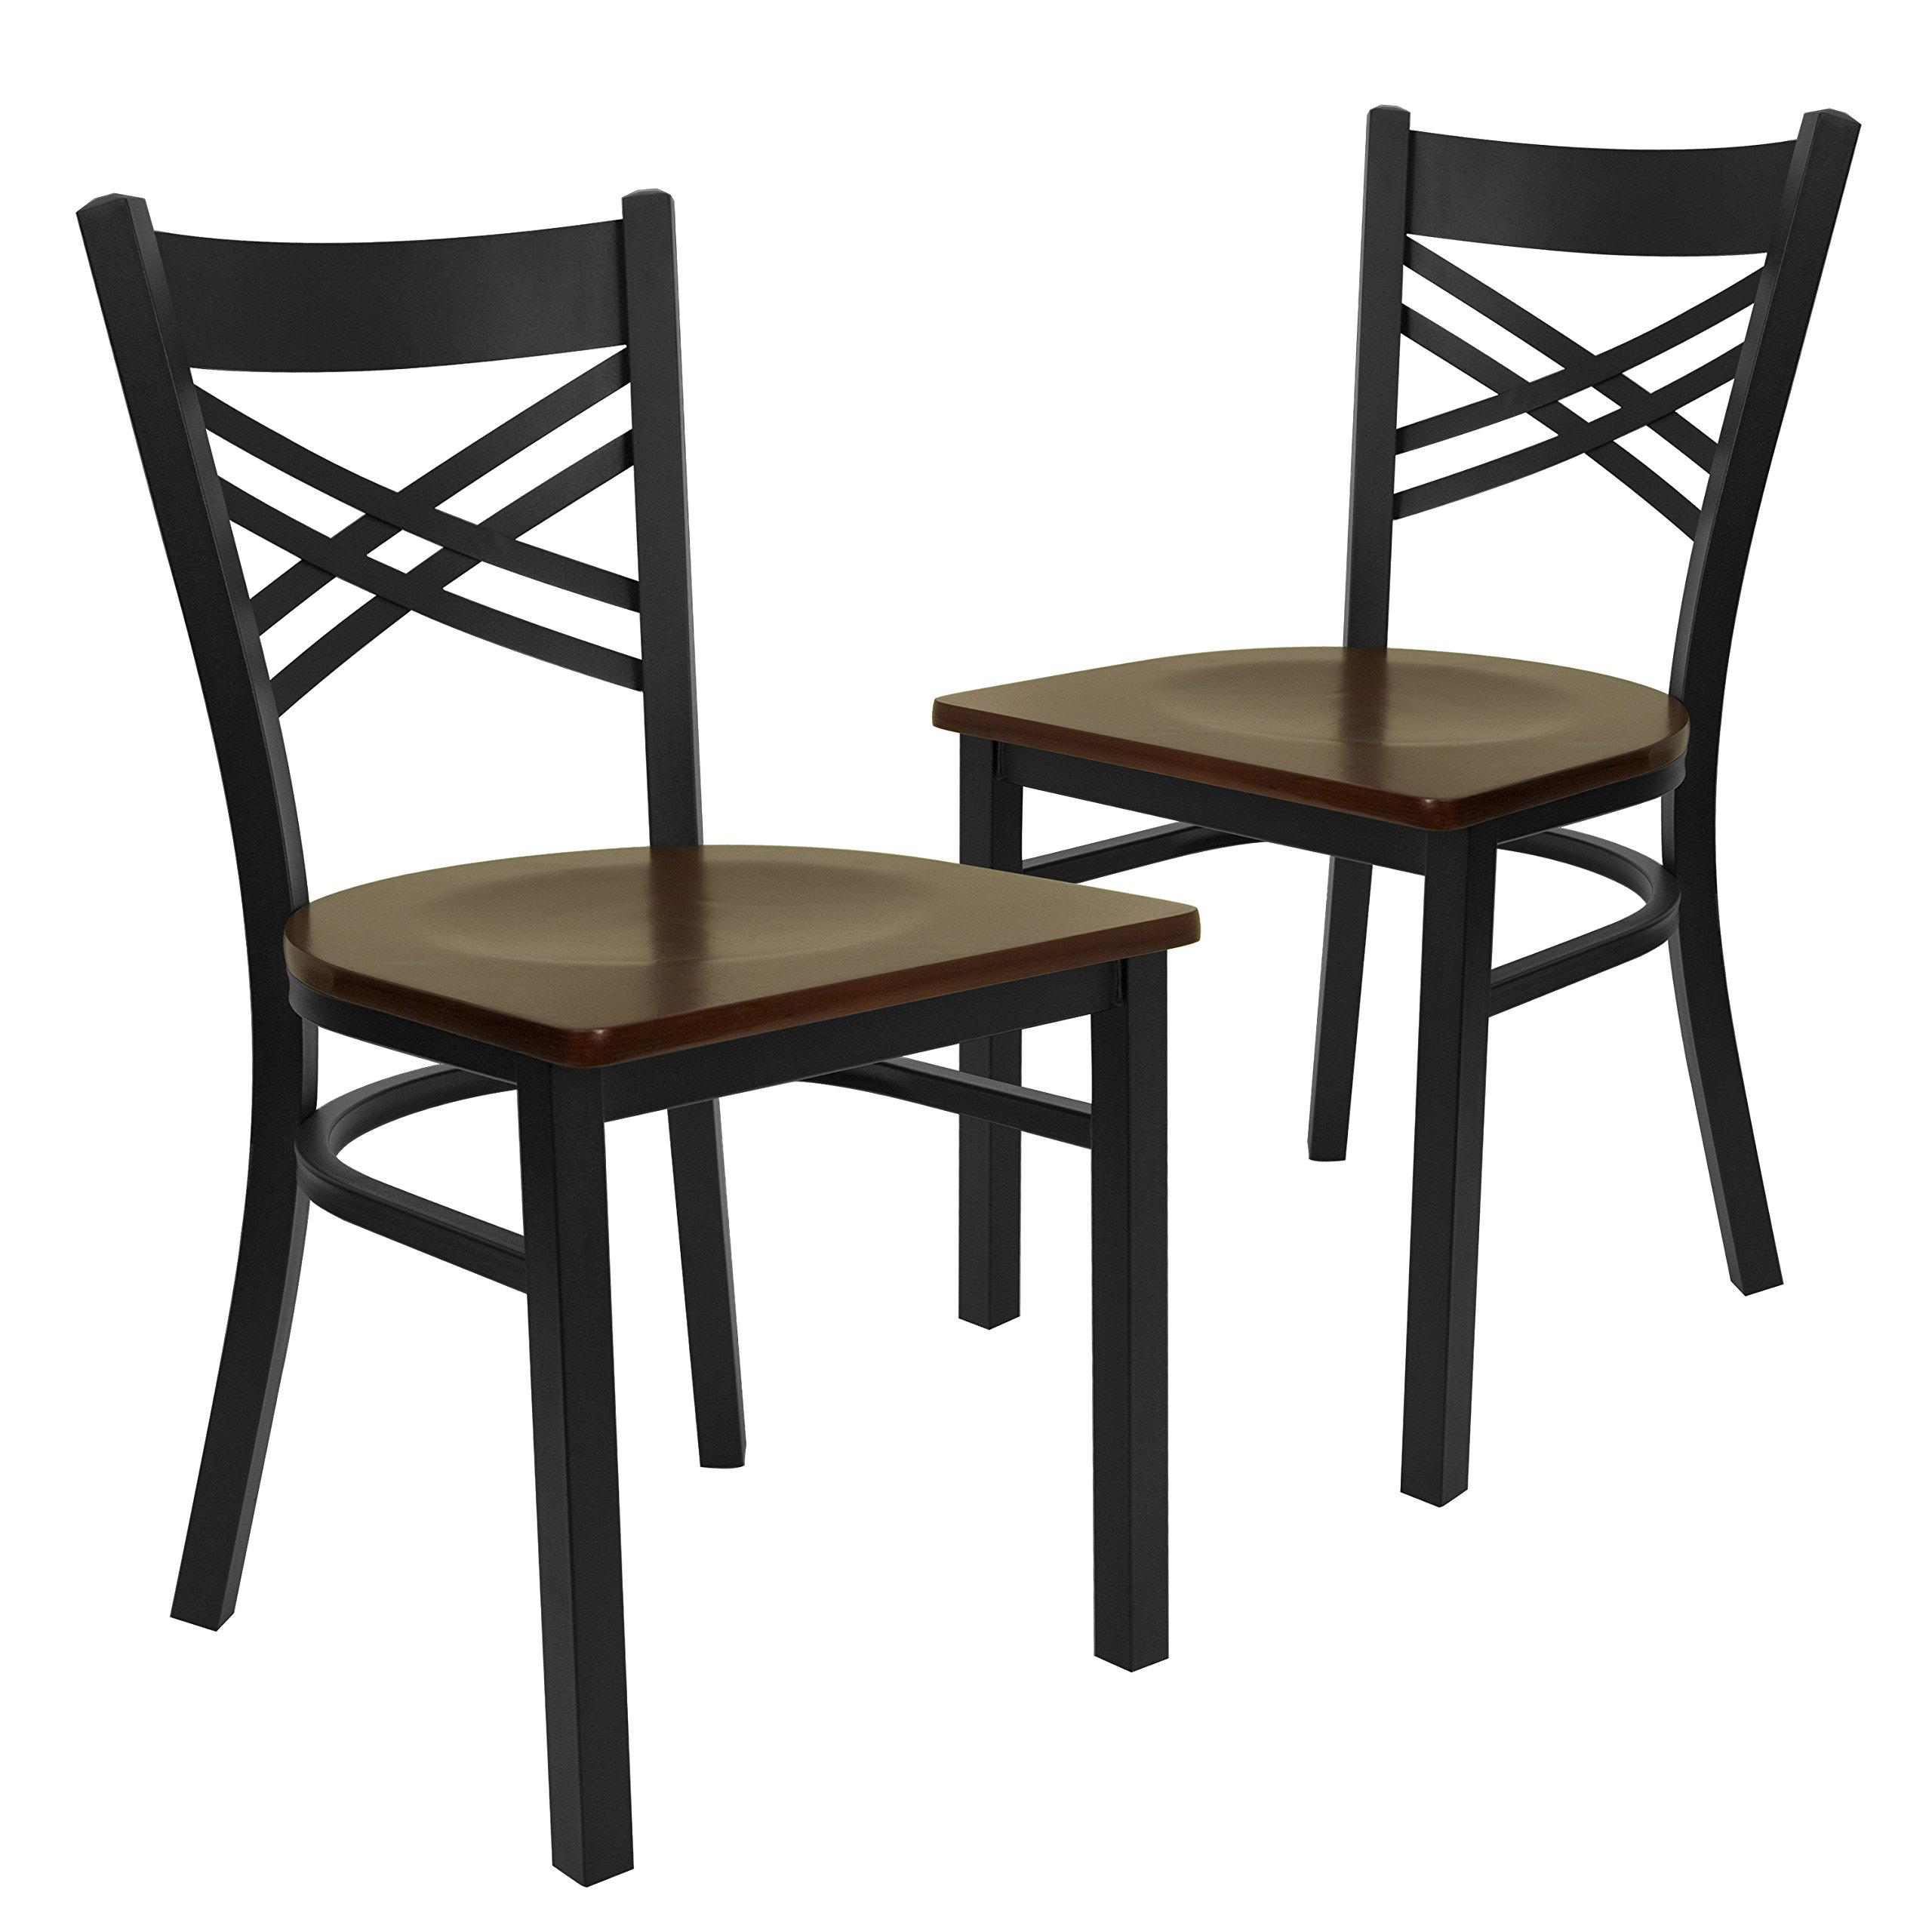 Flash Furniture 2 Pk. HERCULES Series Black ''X'' Back Metal Restaurant Chair - Mahogany Wood Seat